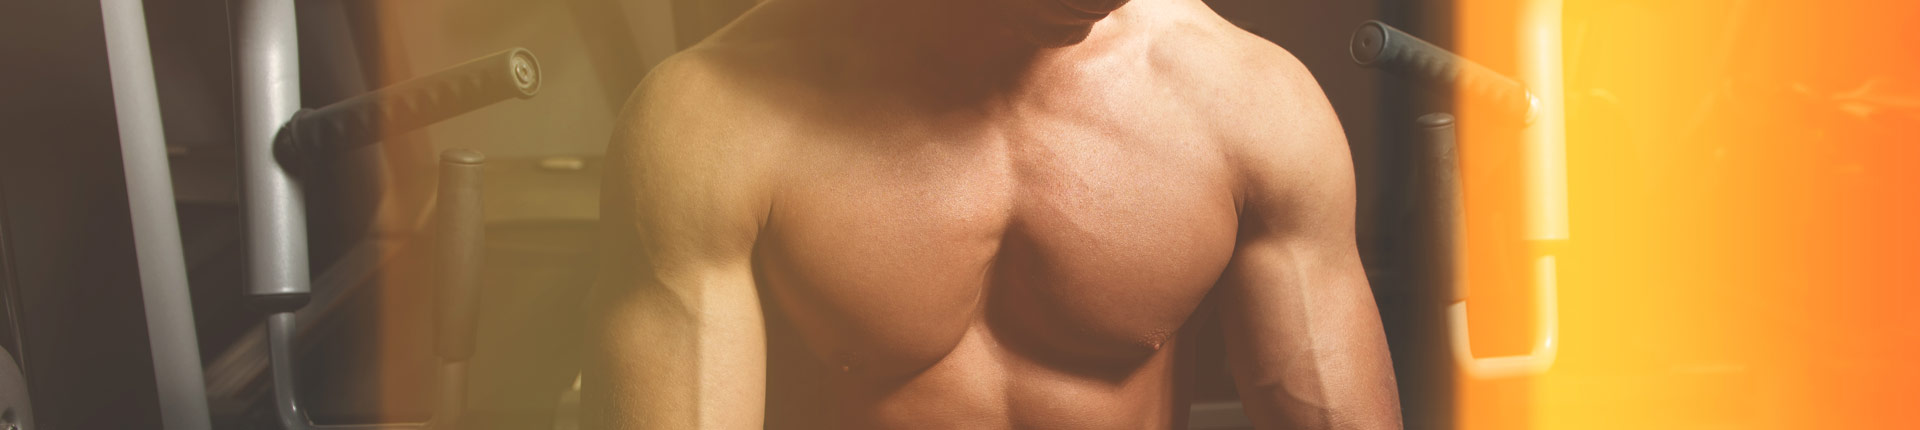 Jak poprawić górę klatki piersiowej? Wypróbuj to ćwiczenie!